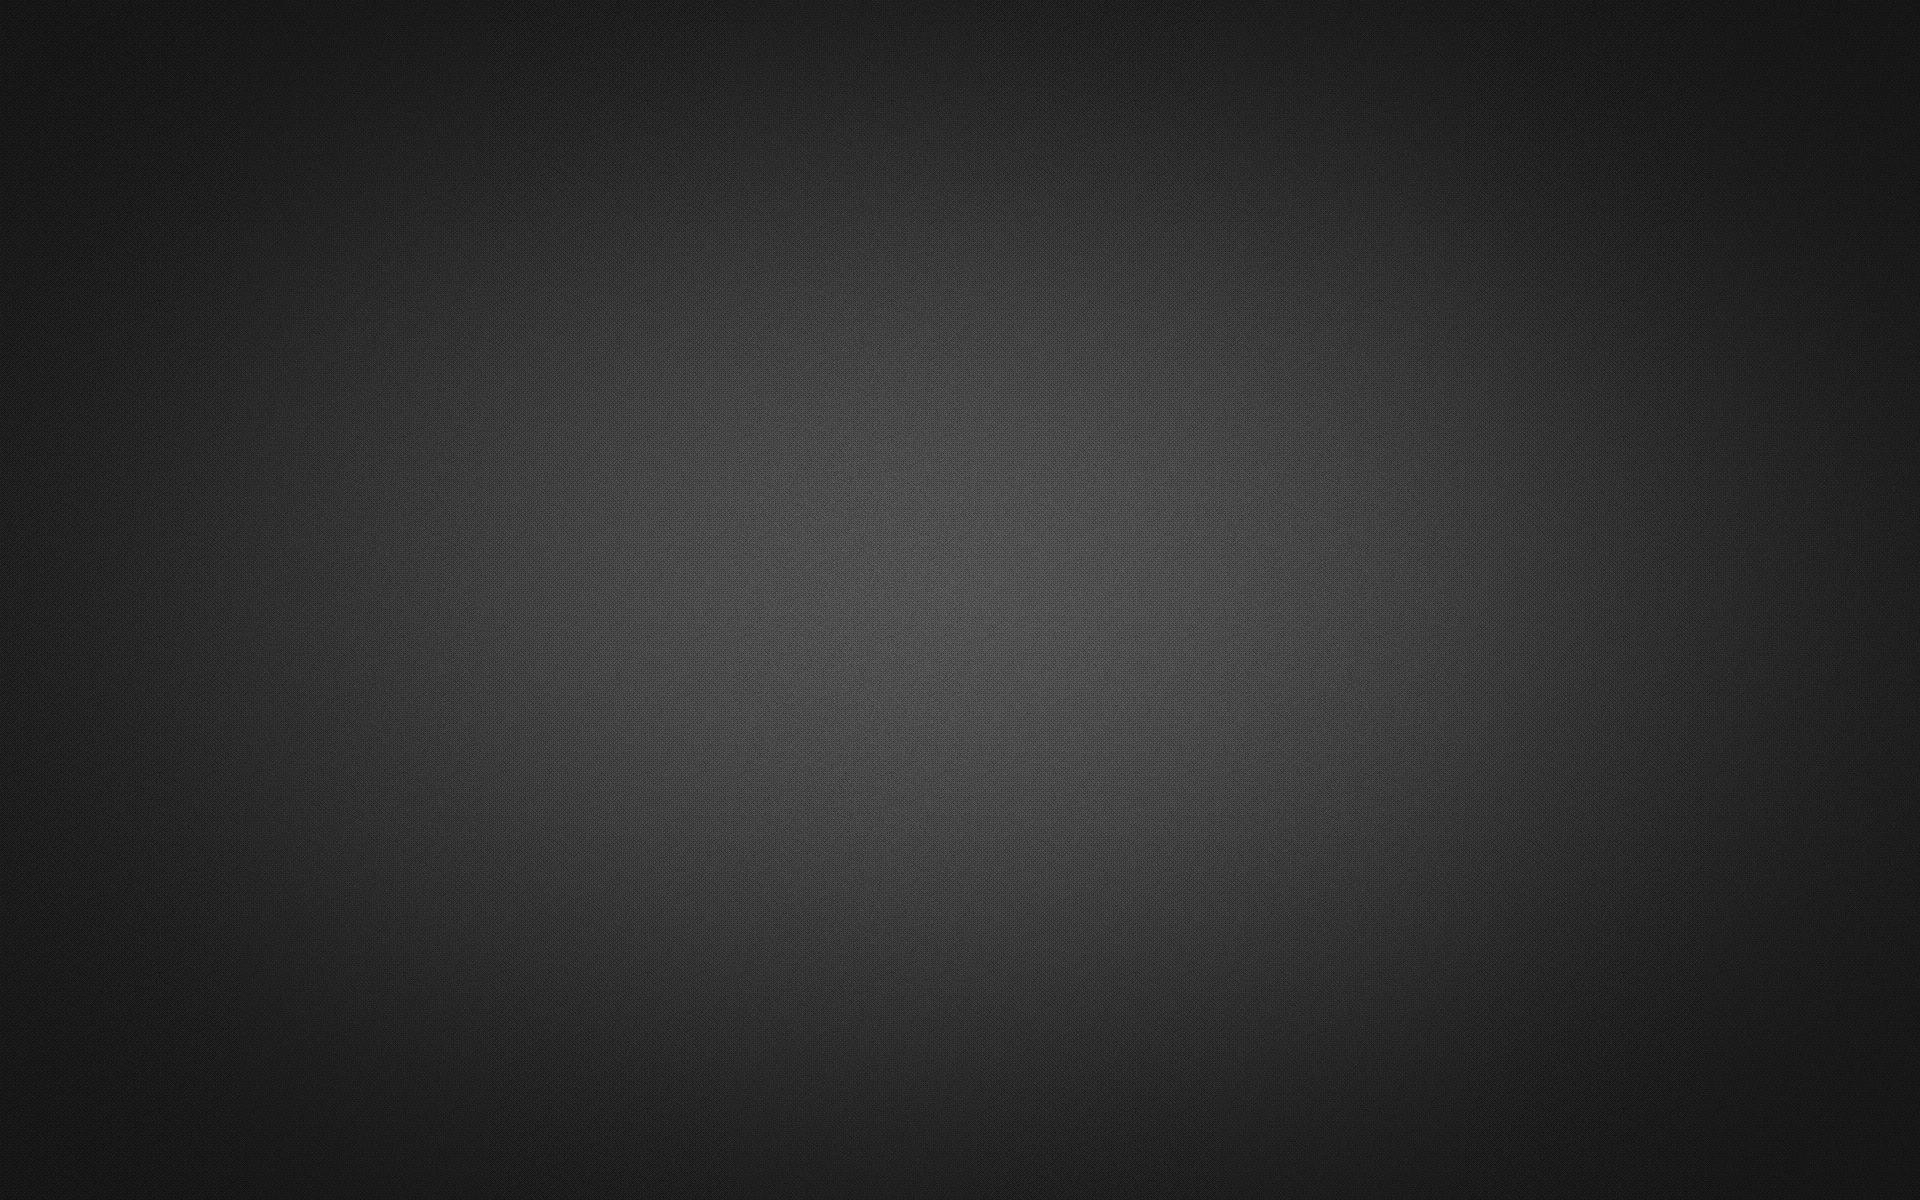 Dark-Grey-Background-27